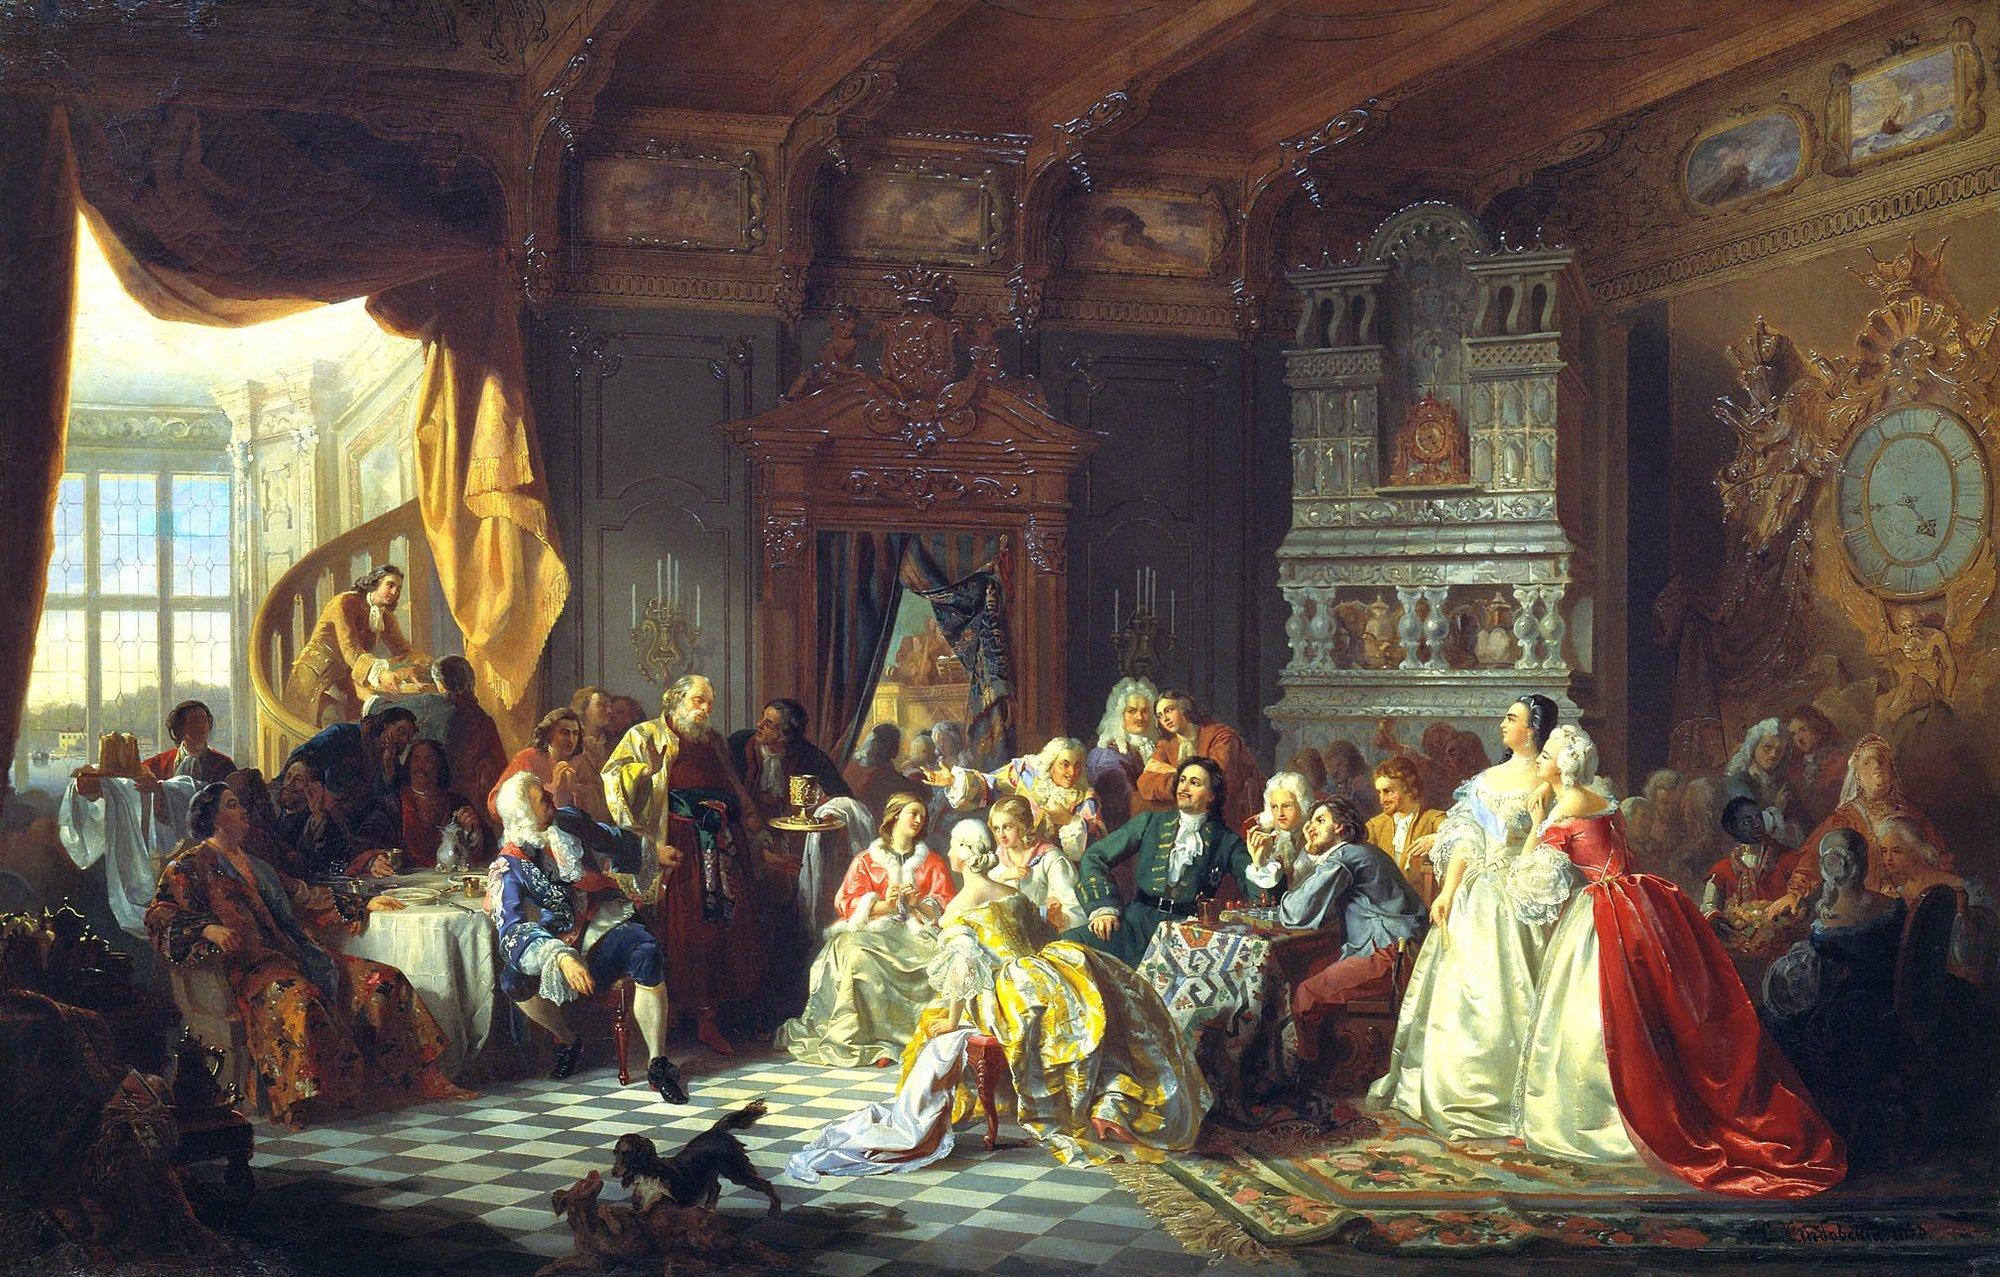 Станислав Хлебовский. Ассамблея при Петре Первом (1858)